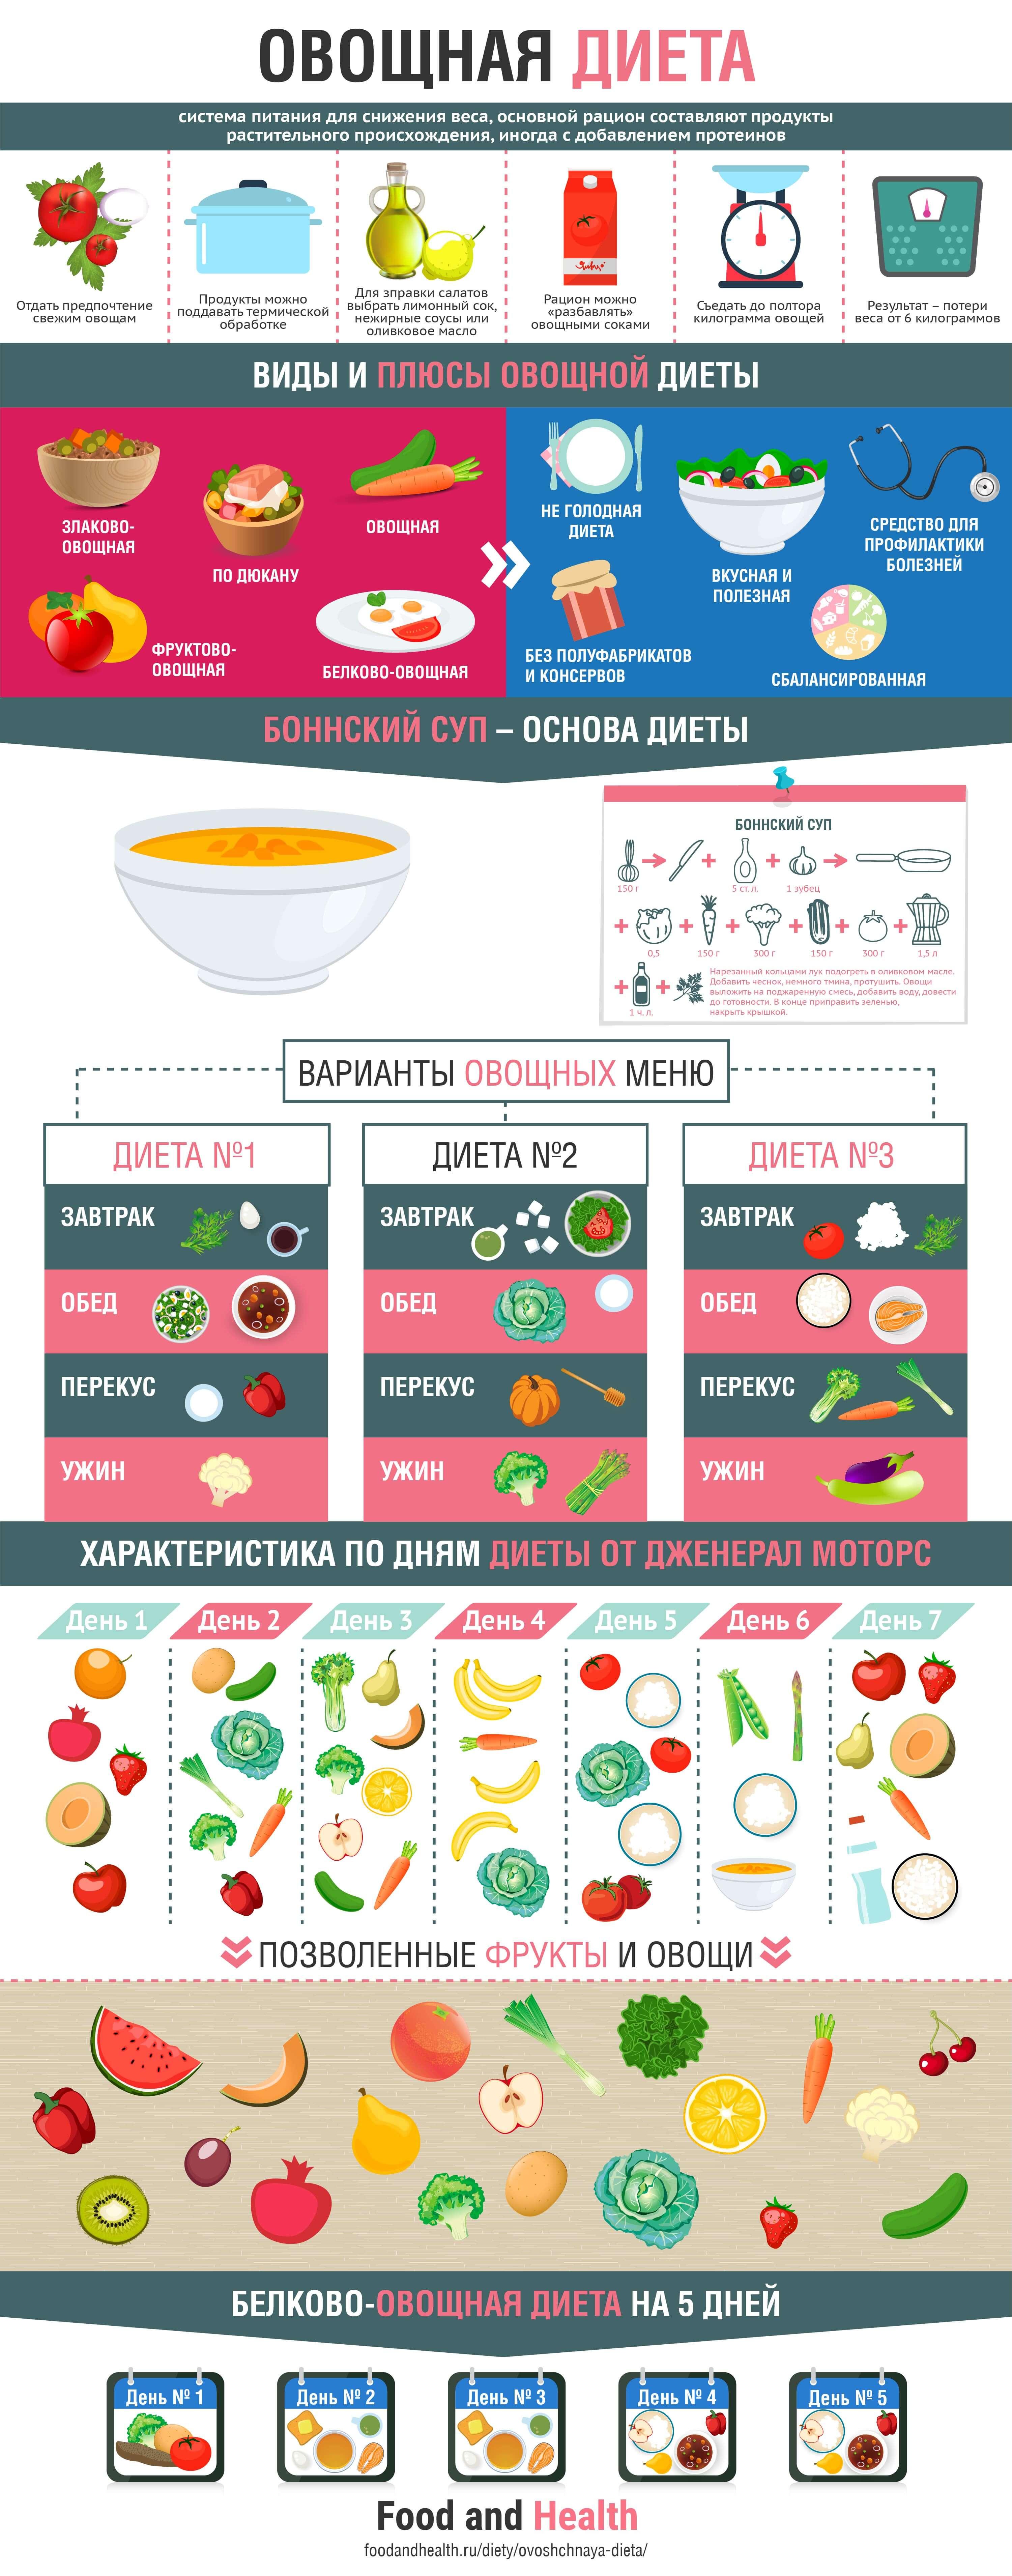 строгая диета на овощах и фруктах